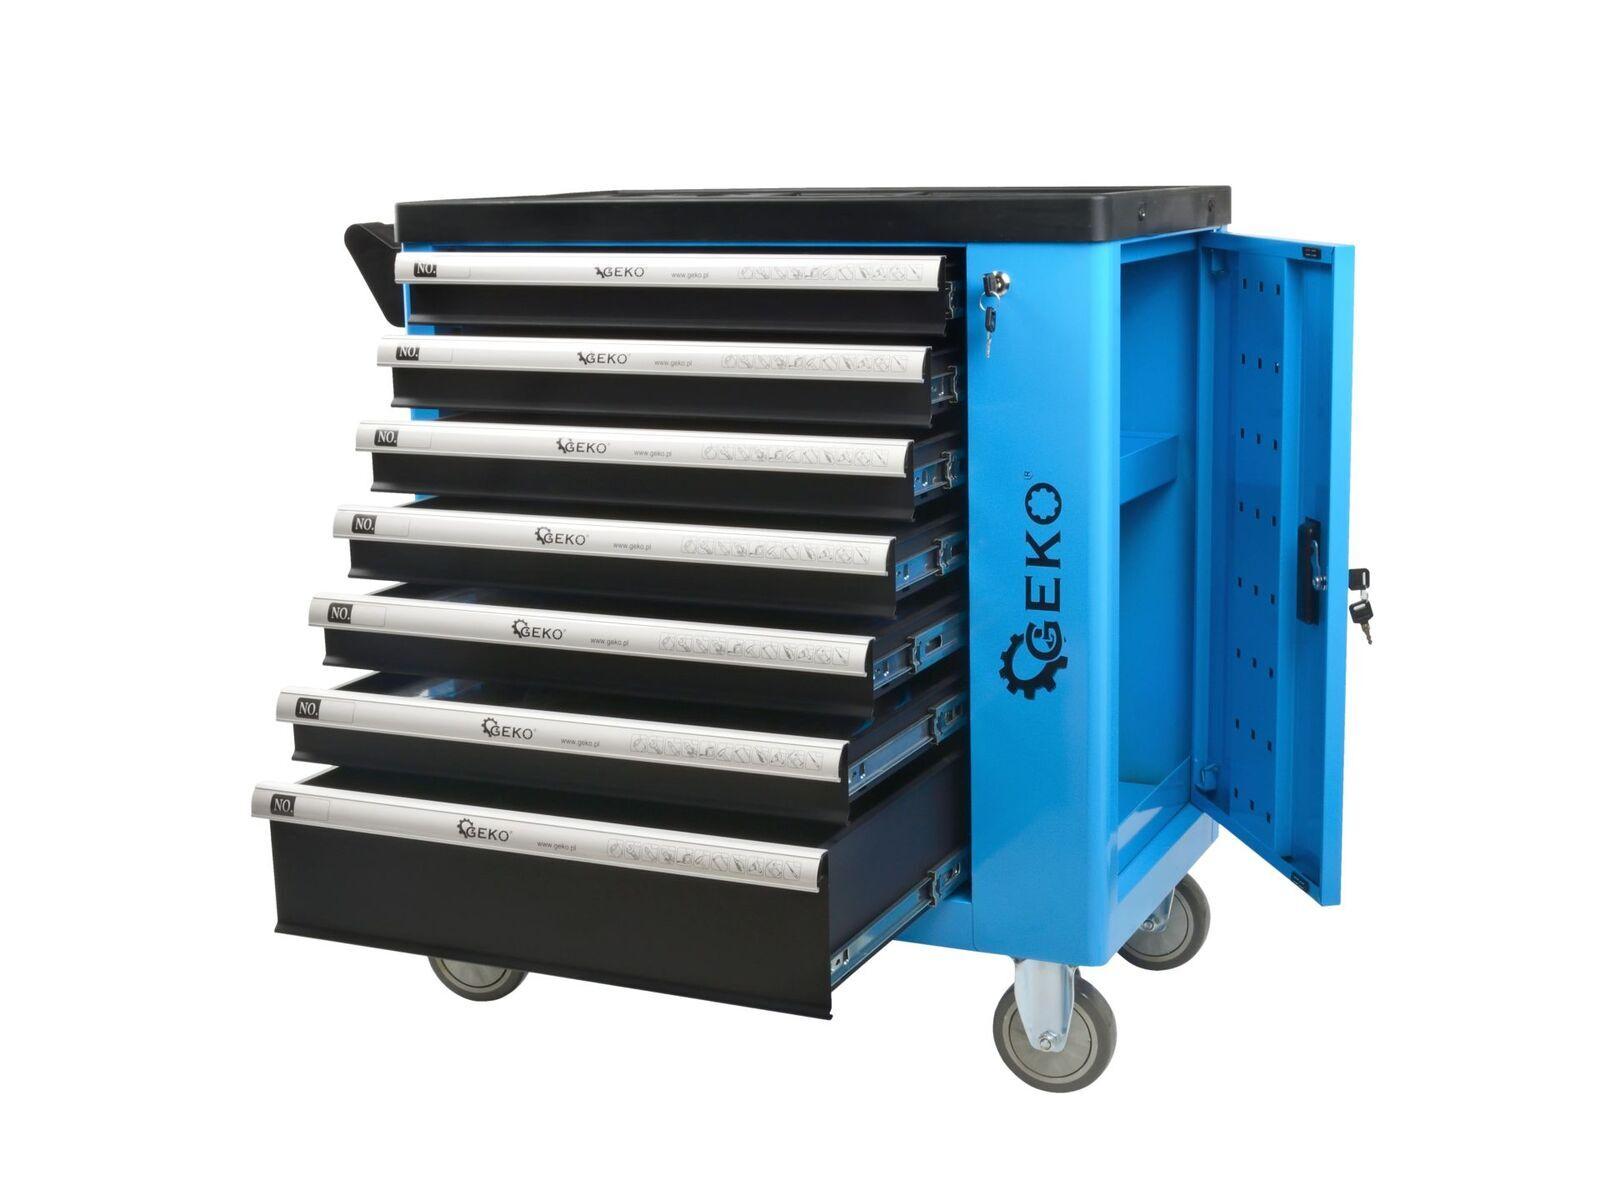 Dílenský montážní vozík vybavený, 243 ks nářadí, 7 zásuvek a skříňka - GEKO G10833